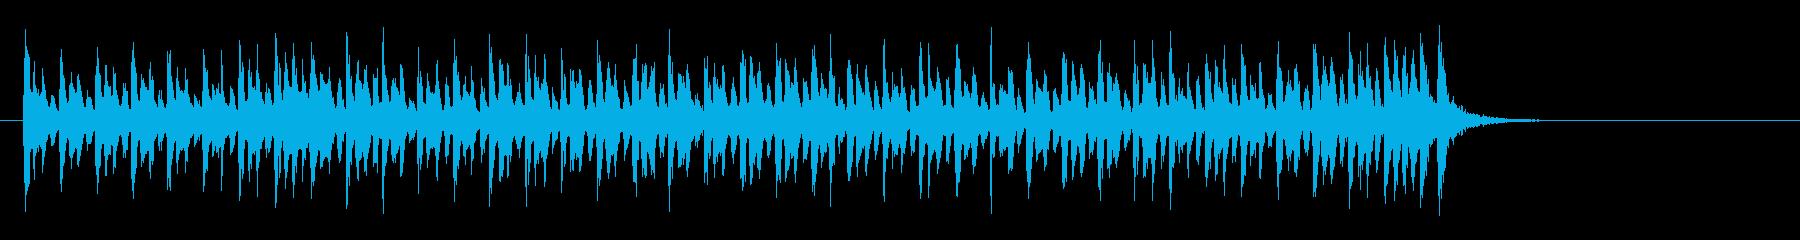 かわいいクラシカルポップ(イントロ~A)の再生済みの波形